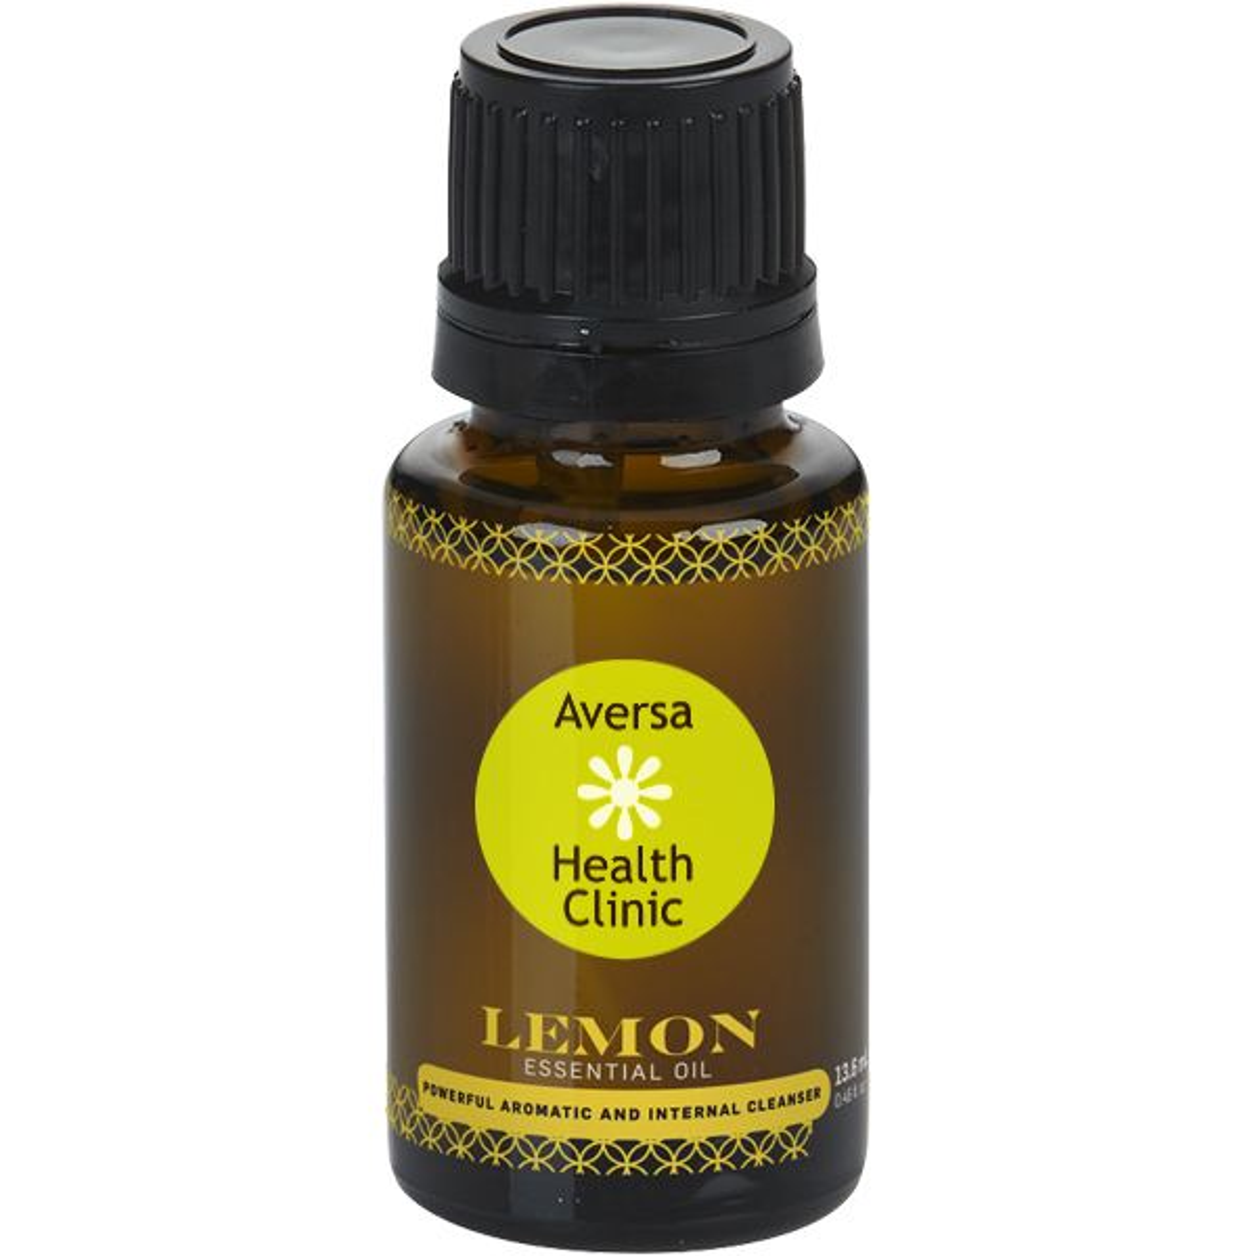 Lemon Essential Oil Amber Dropper Bottle, 15ml.